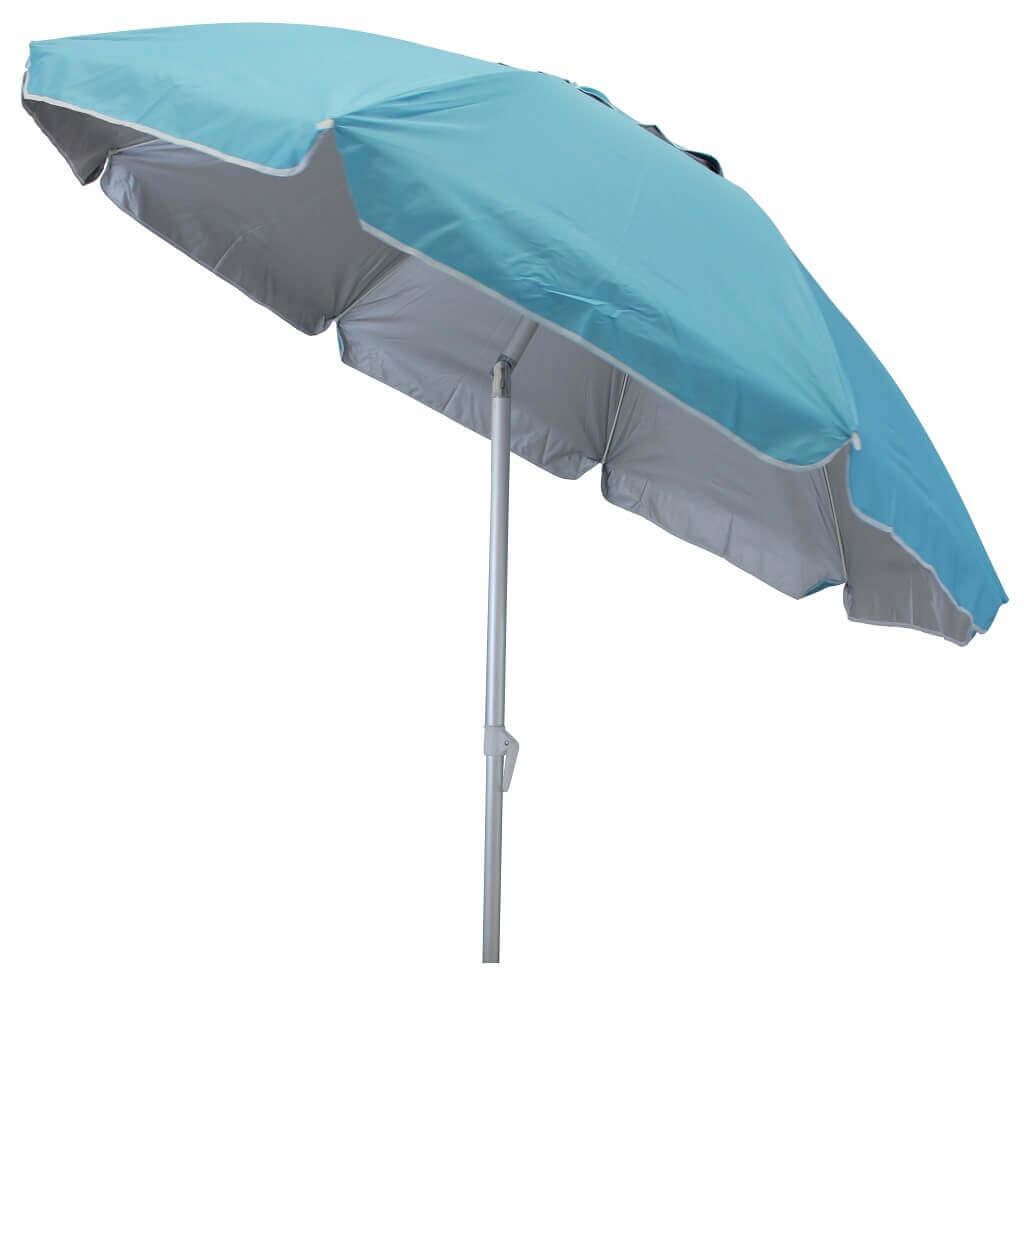 Milani Home ombrellone da spiaggia in alluminio tondo 2 m